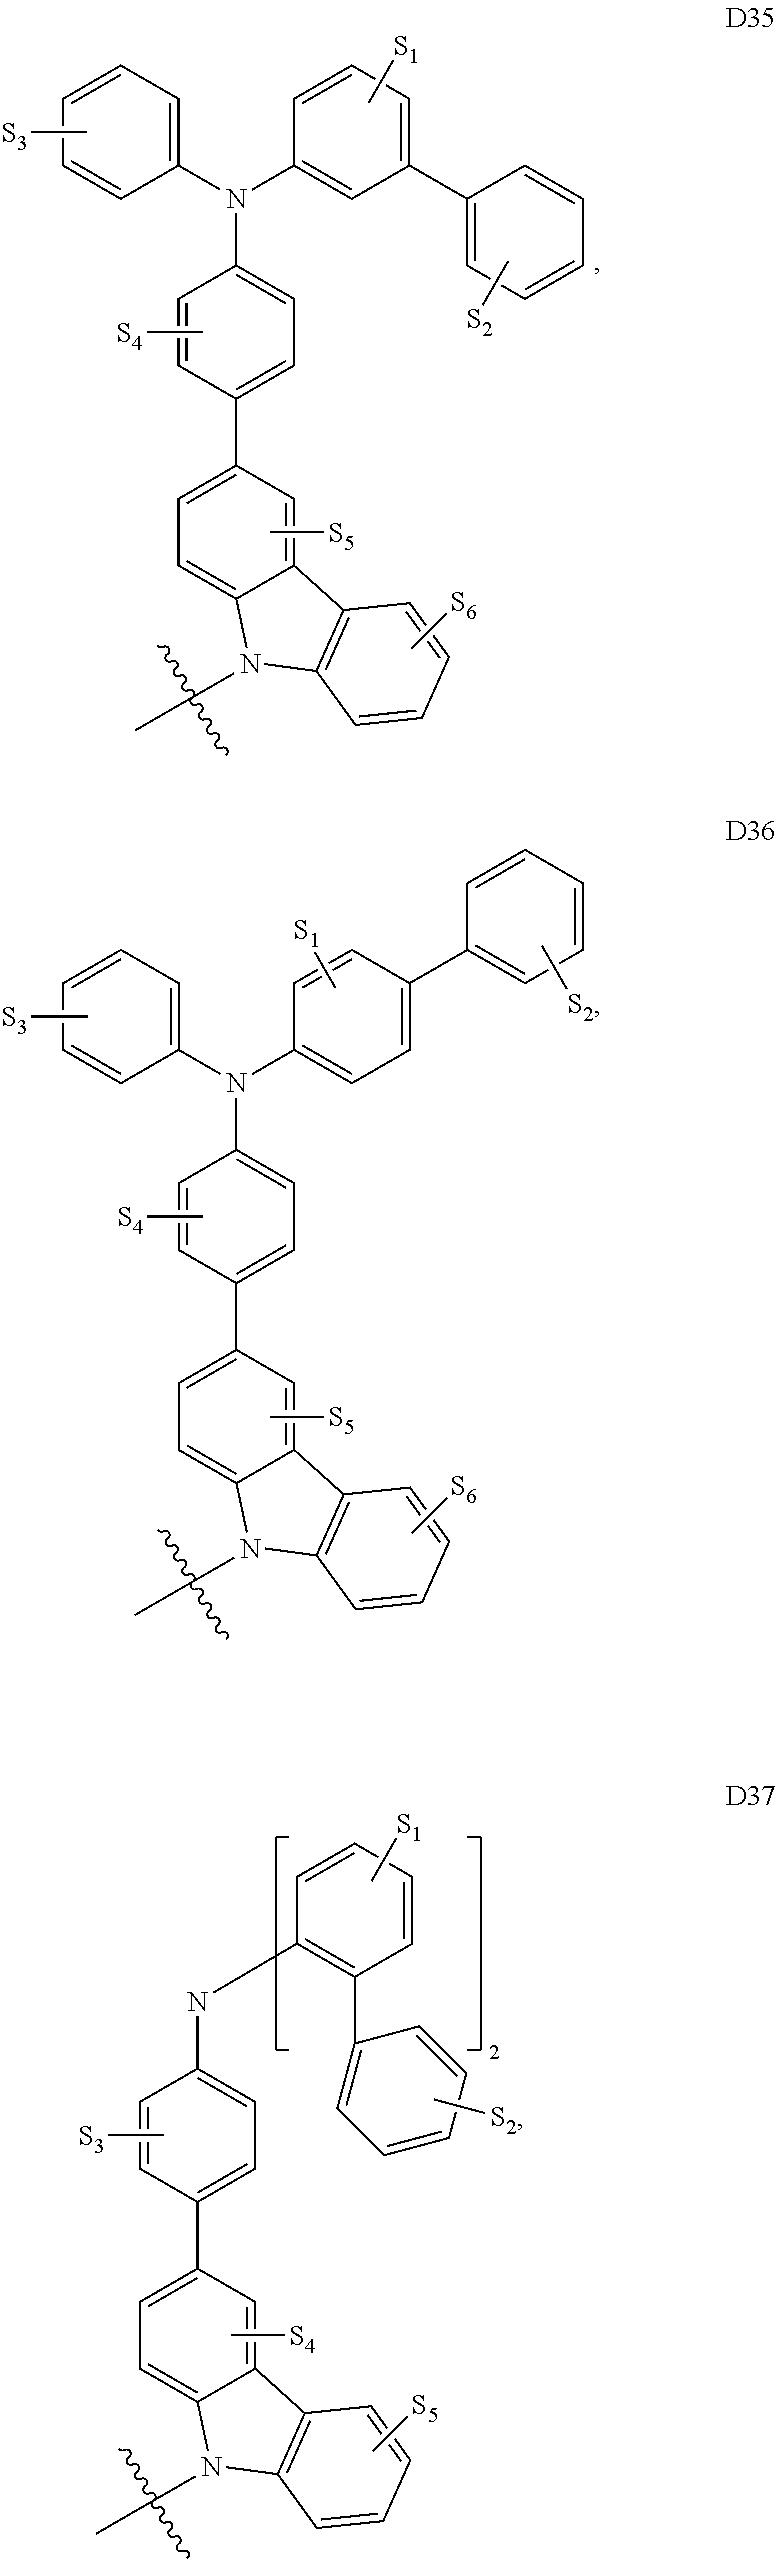 Figure US09537106-20170103-C00019